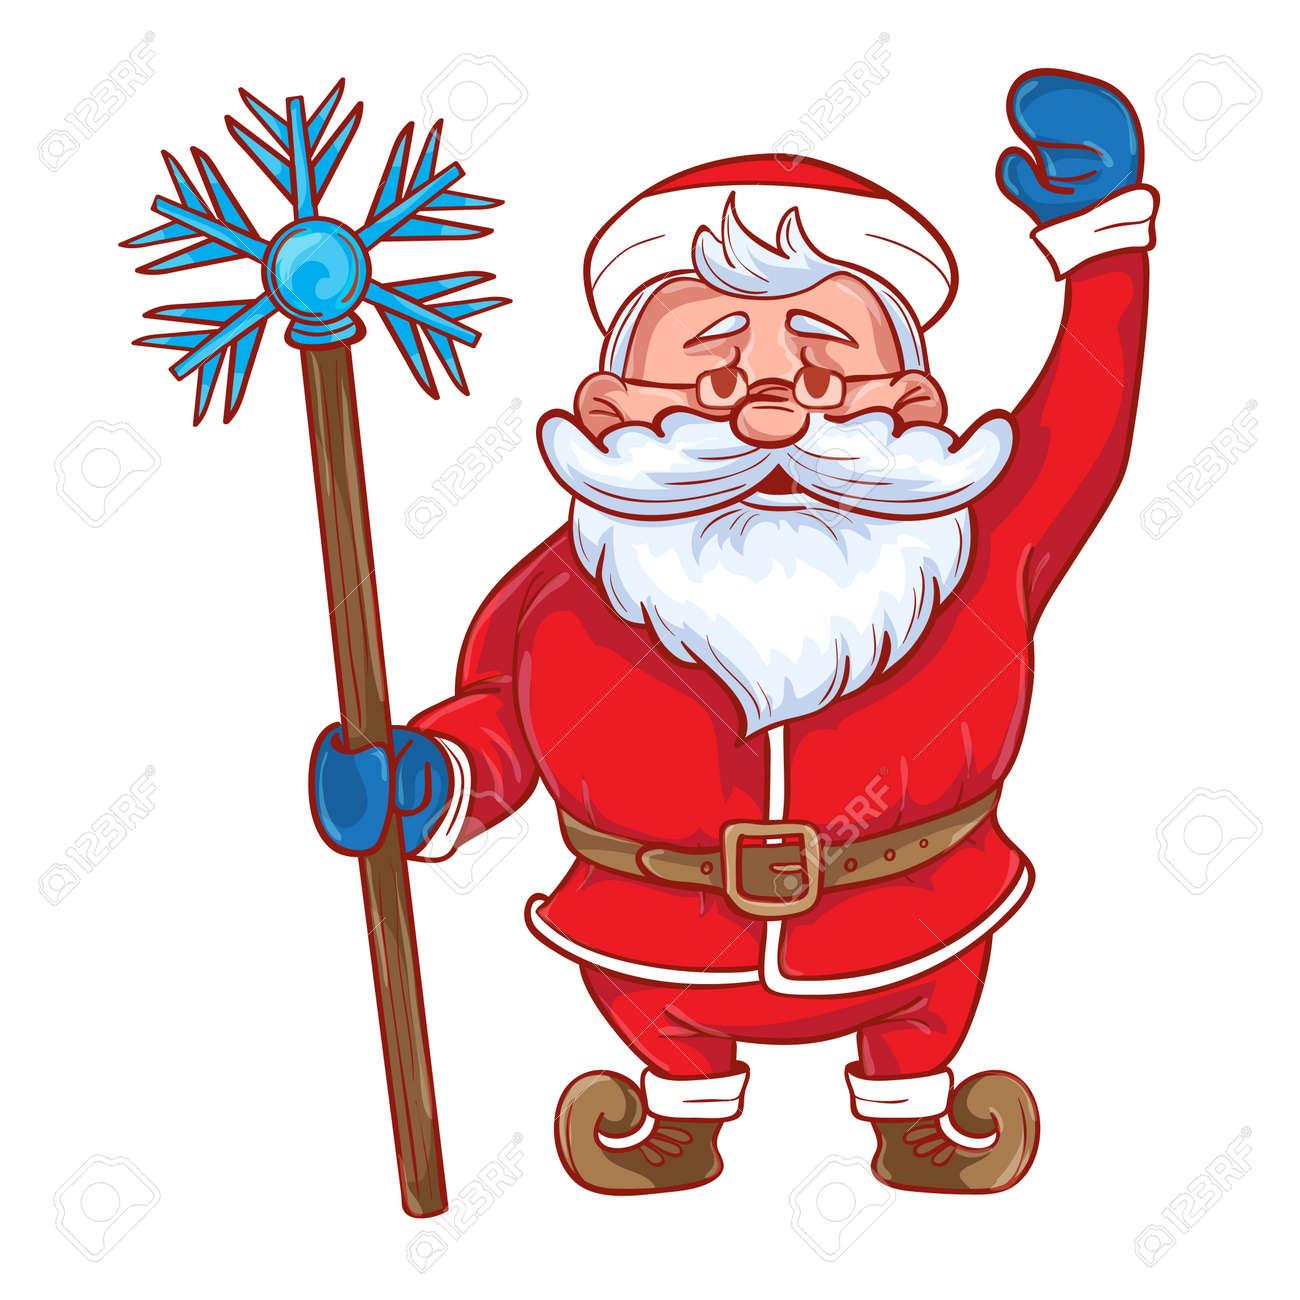 Desenhos Animados Engracados Papai Noel Com Uma Vara Magica Em Sua